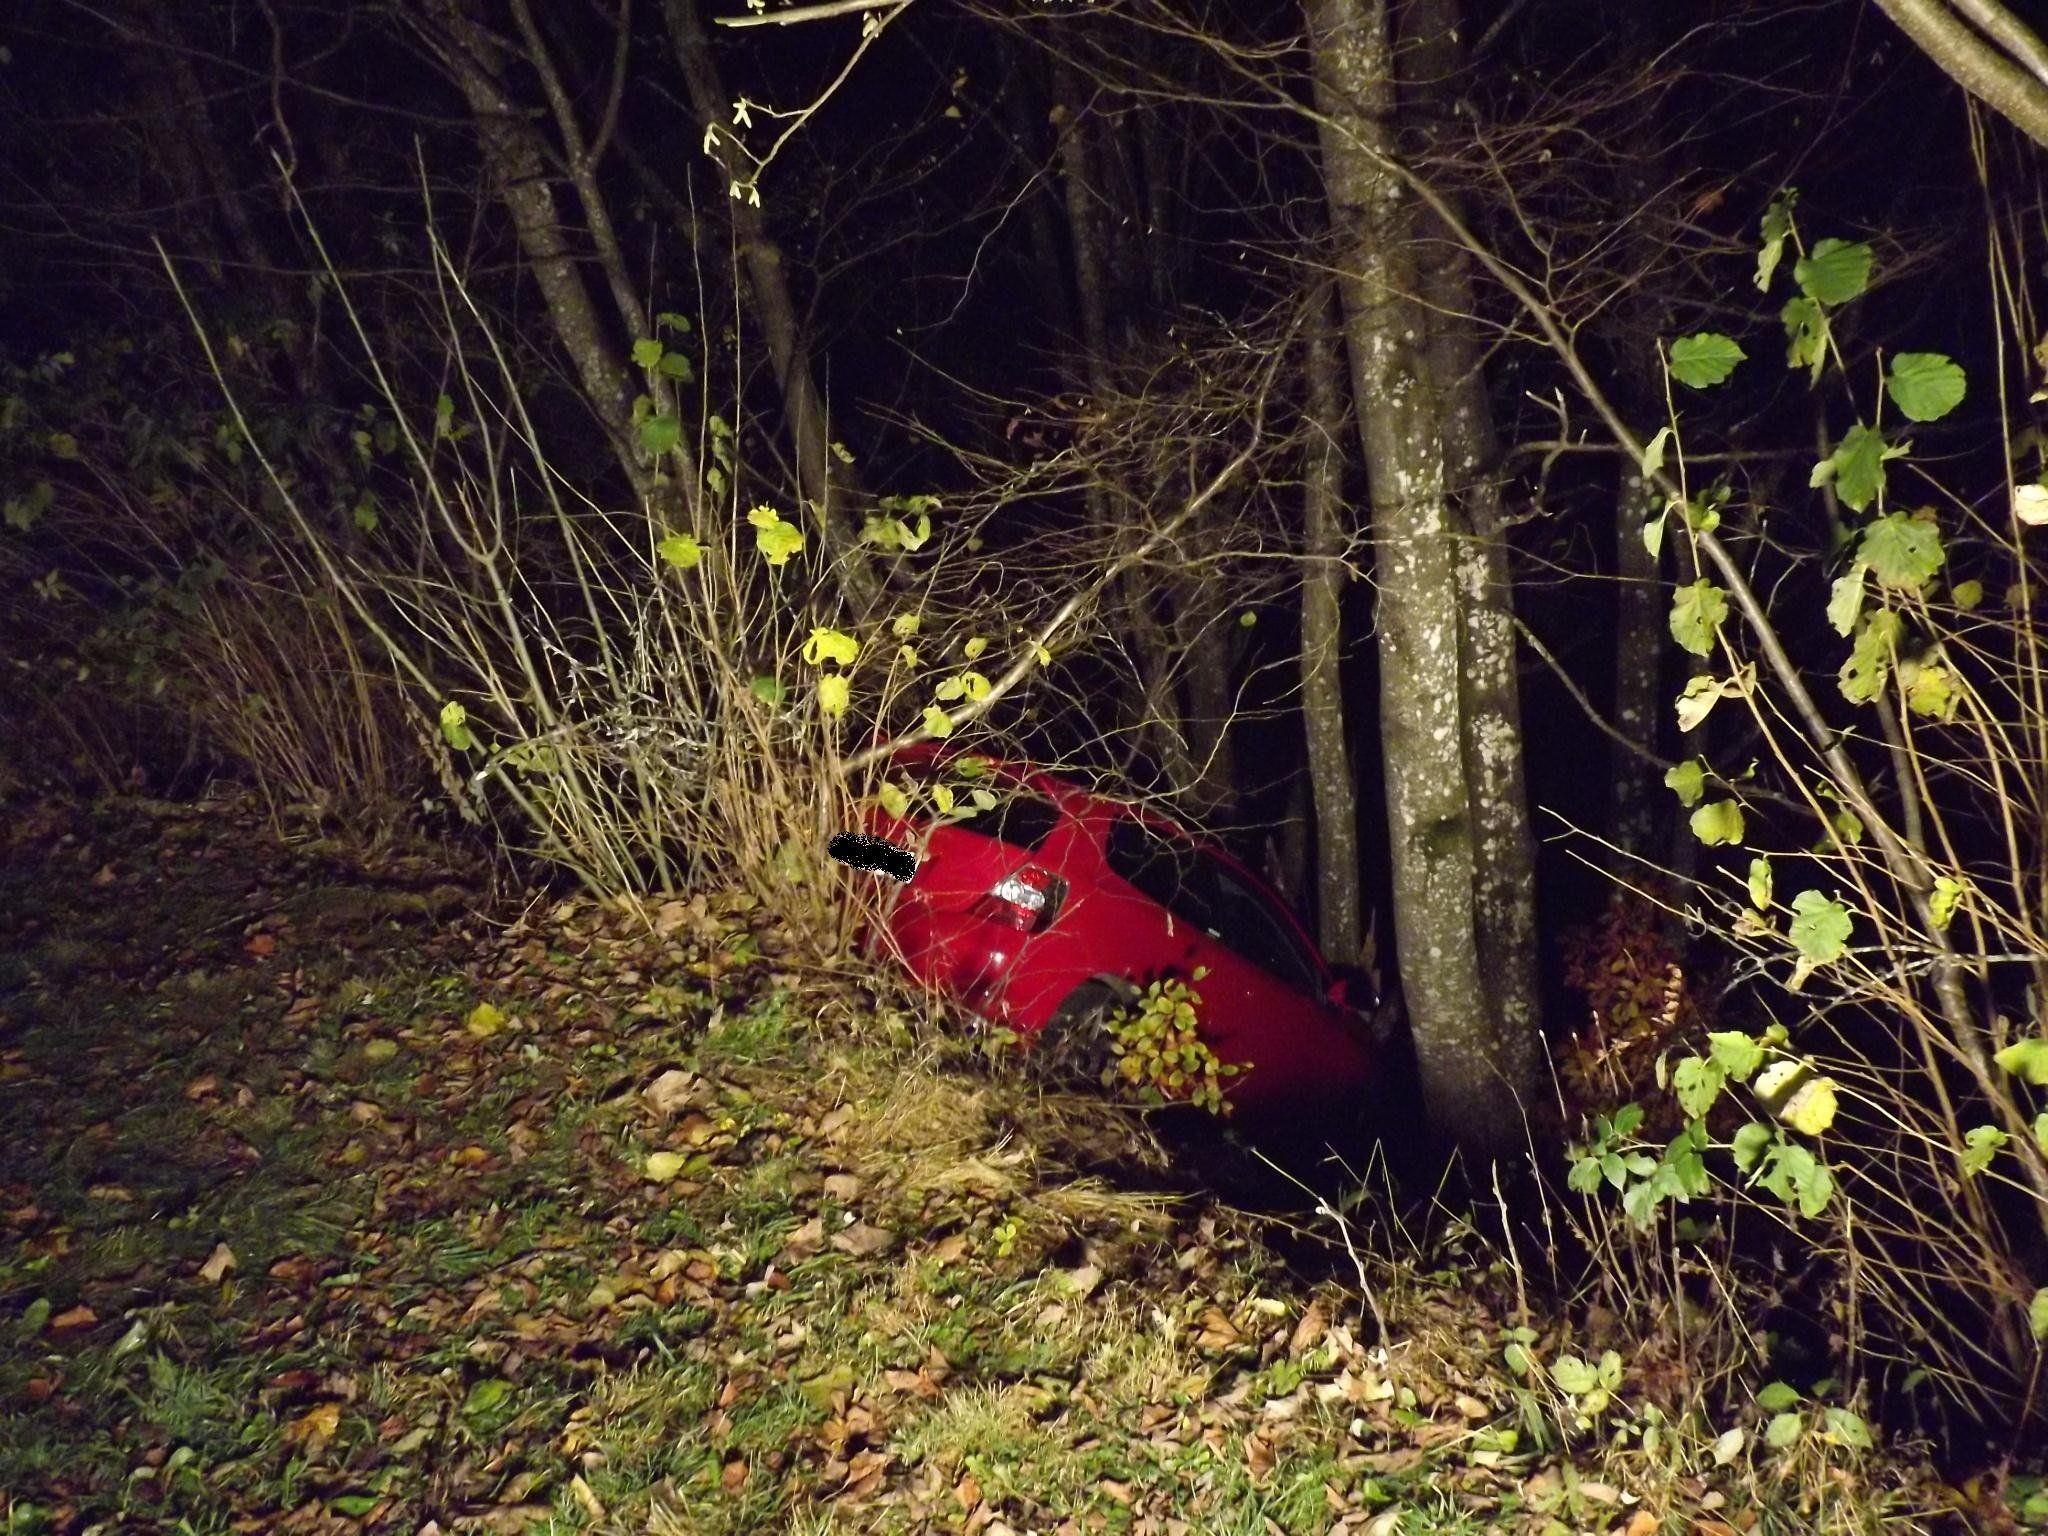 Der Pkw-Lenker blieb unverletzt